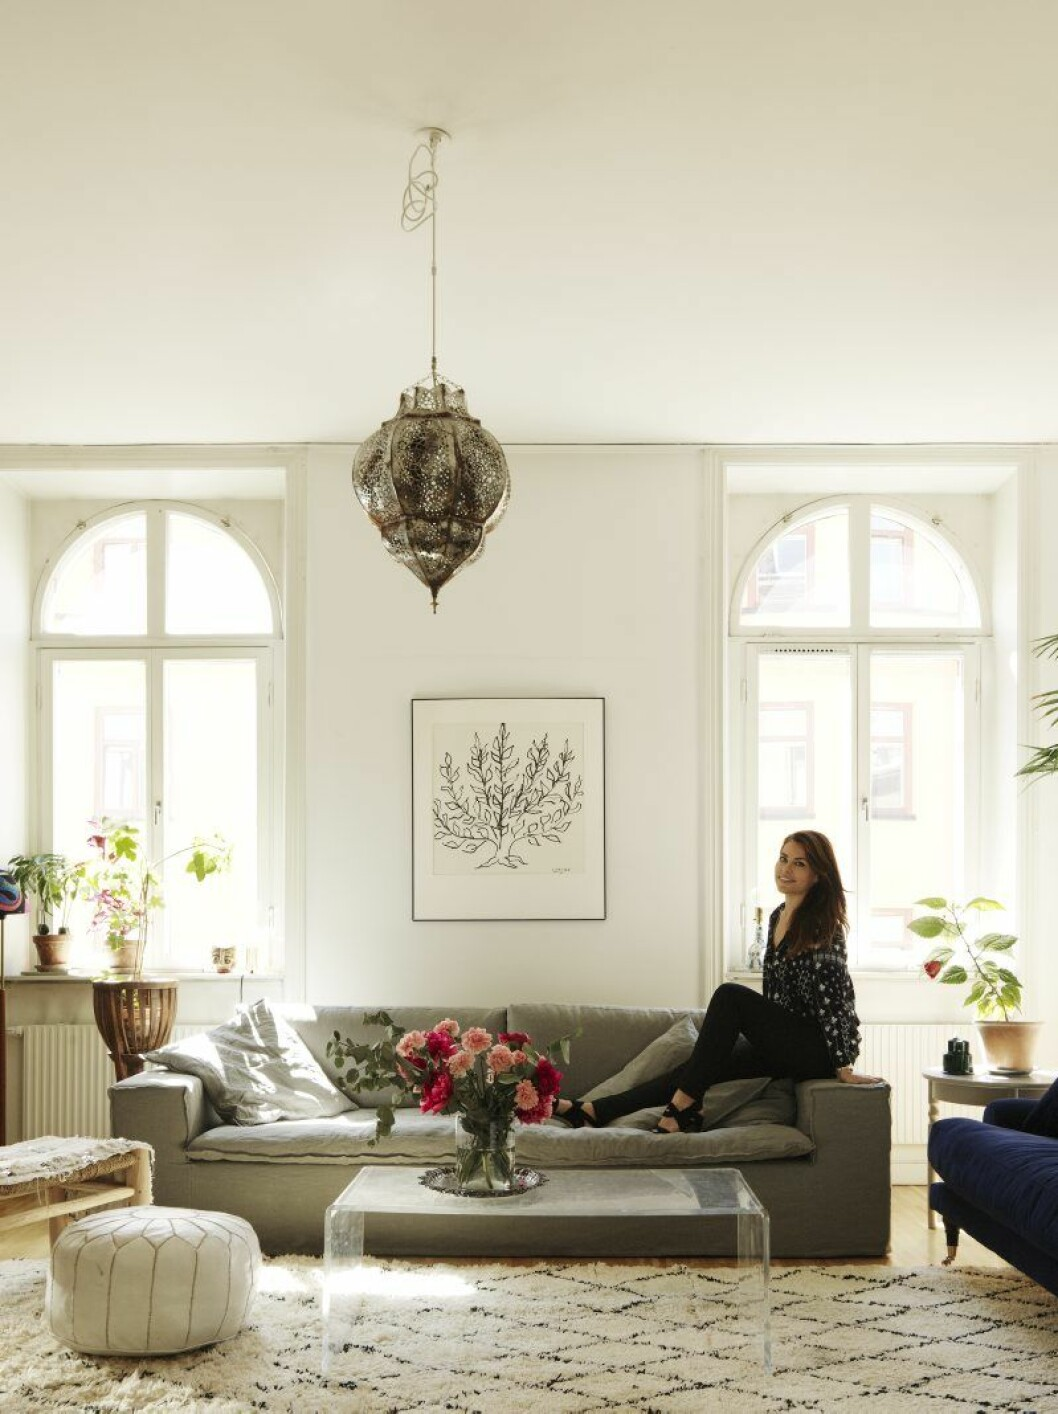 Amelia widell soffa linne